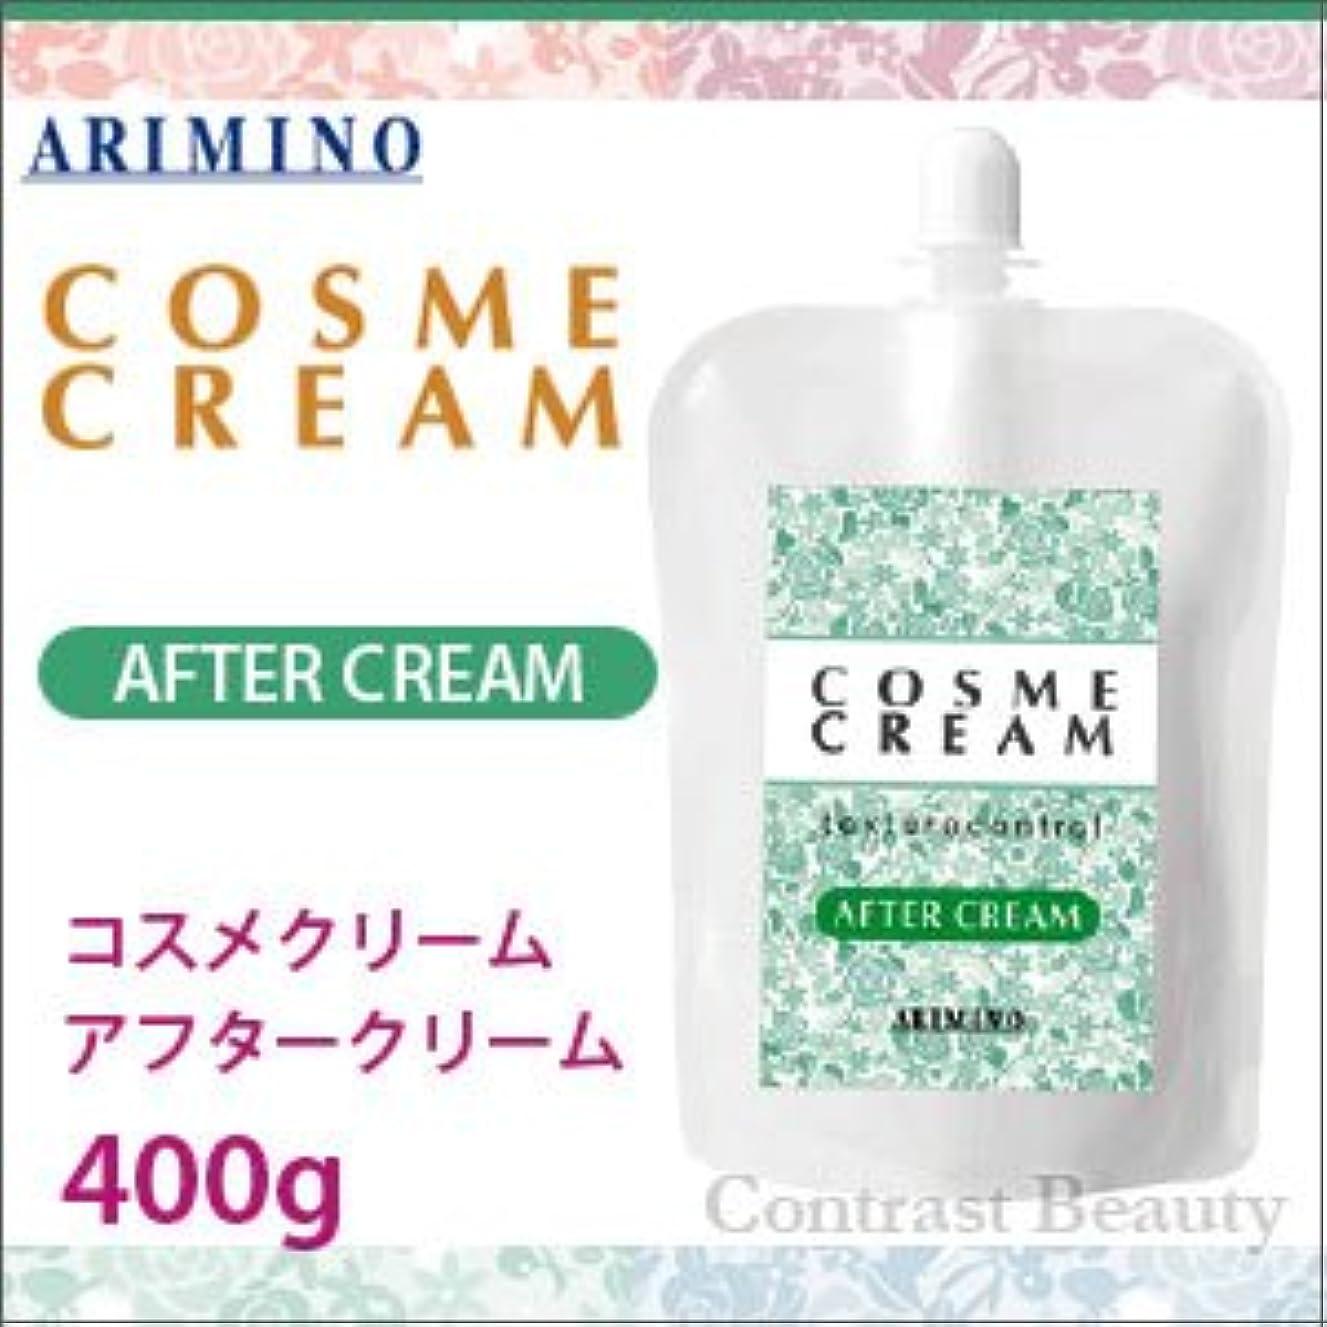 予防接種する株式普遍的な【X5個セット】 アリミノ コスメクリーム アフタークリーム 400g